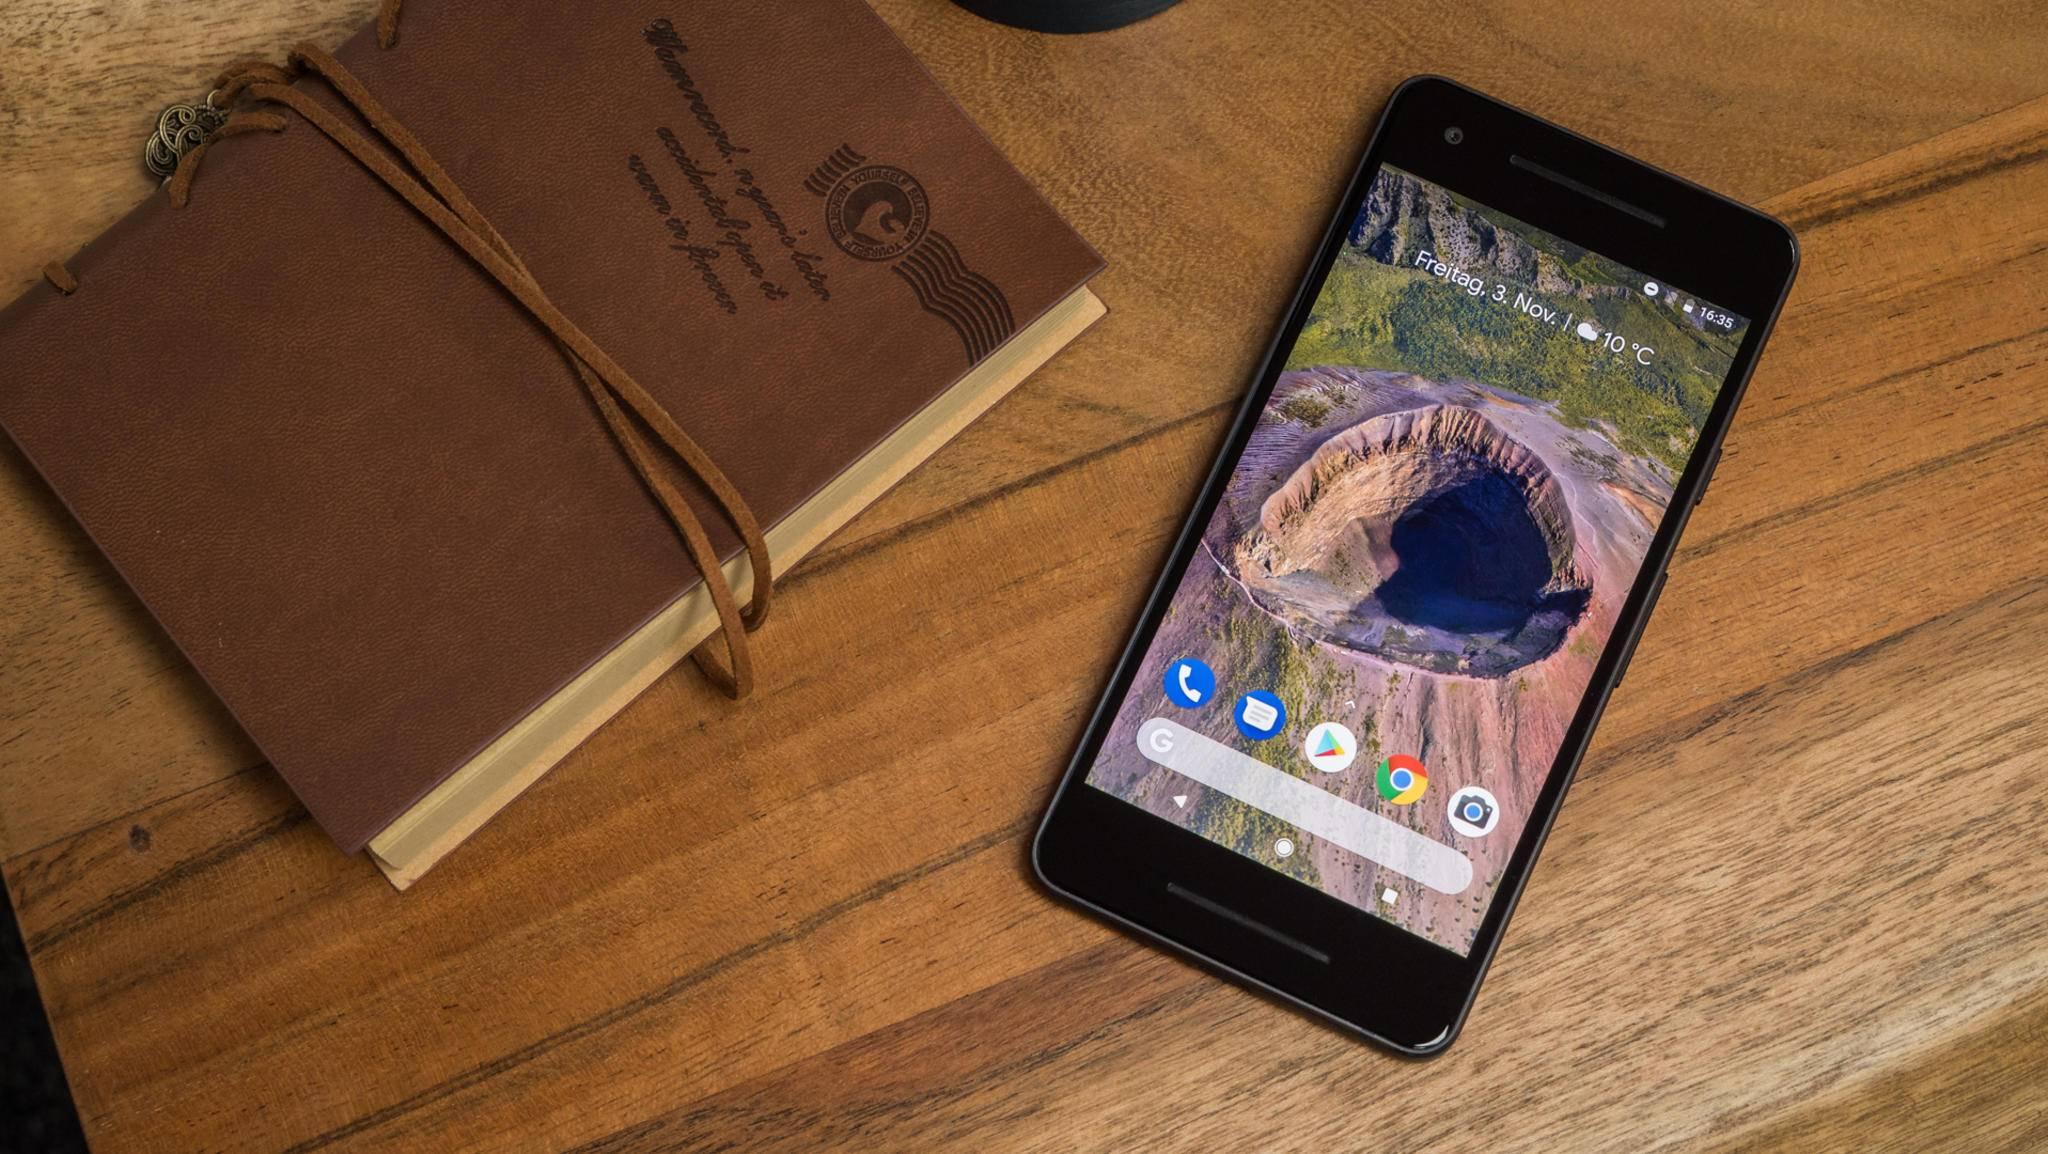 Das Google Pixel 2 ist ein leistungsstarkes Smartphone unter 5 Zoll.